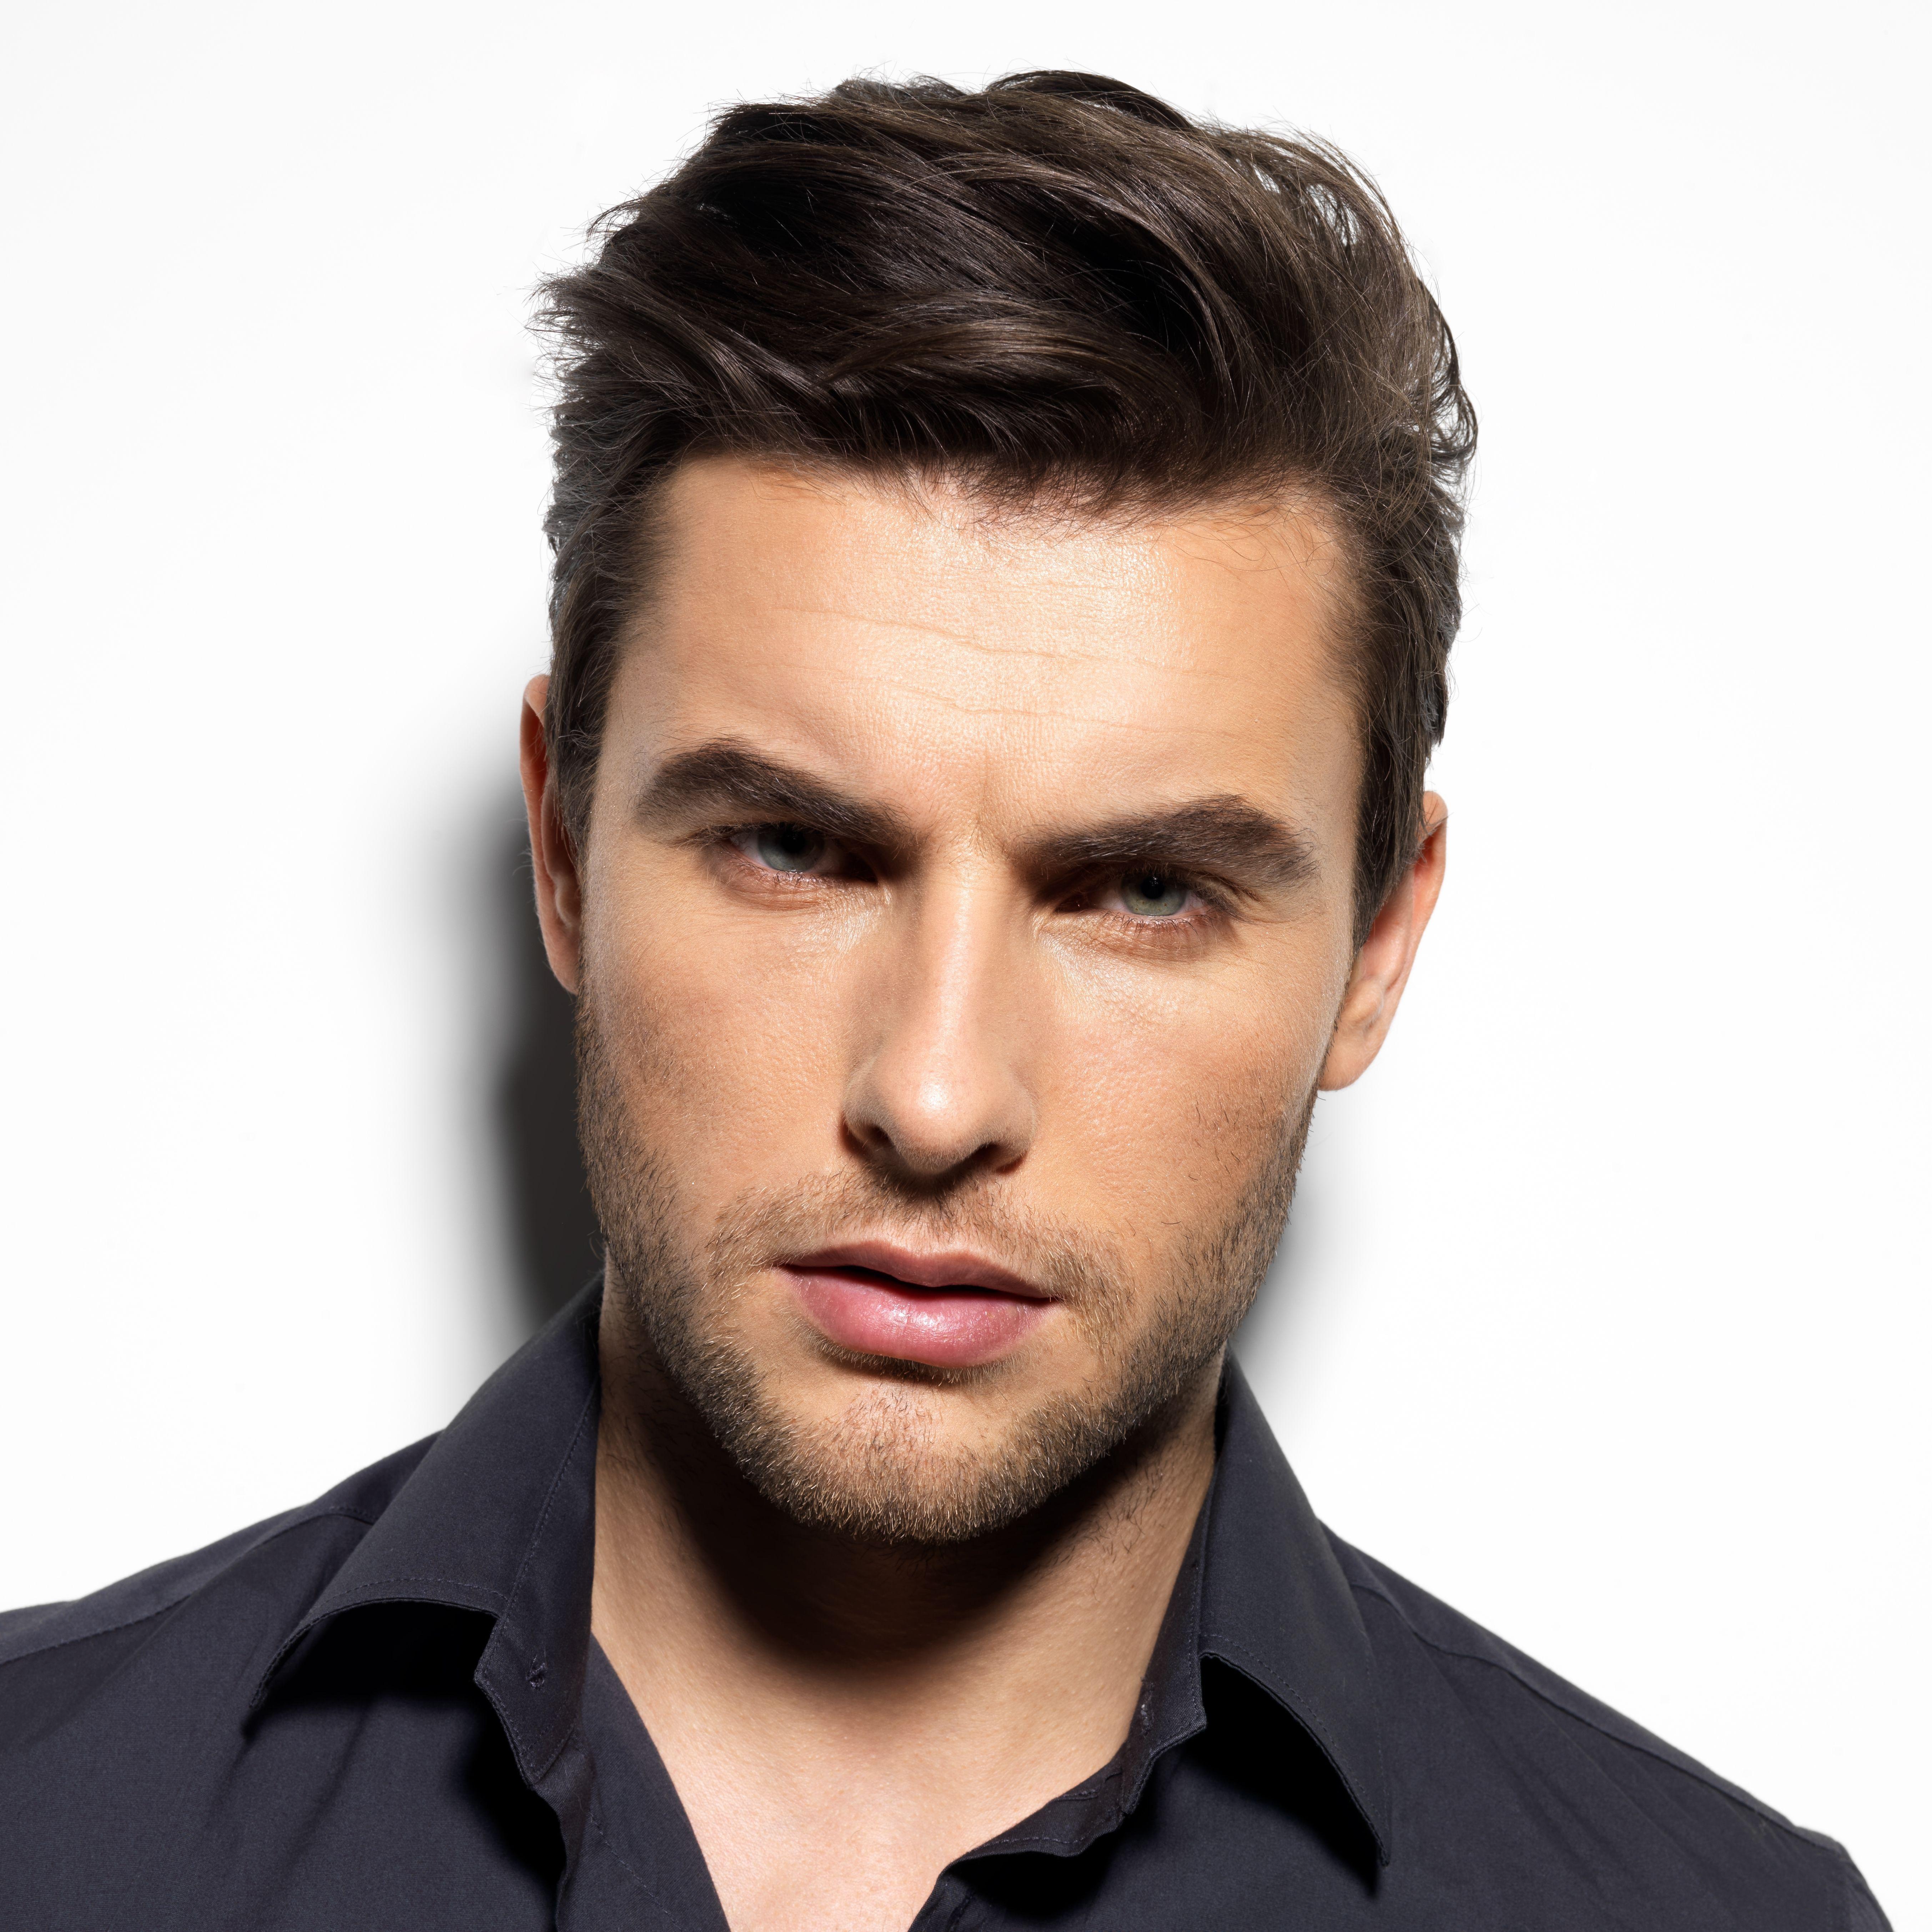 Luxus Frisuren Für Männer Mit Dünnem Haar Neue Haare Frisuren